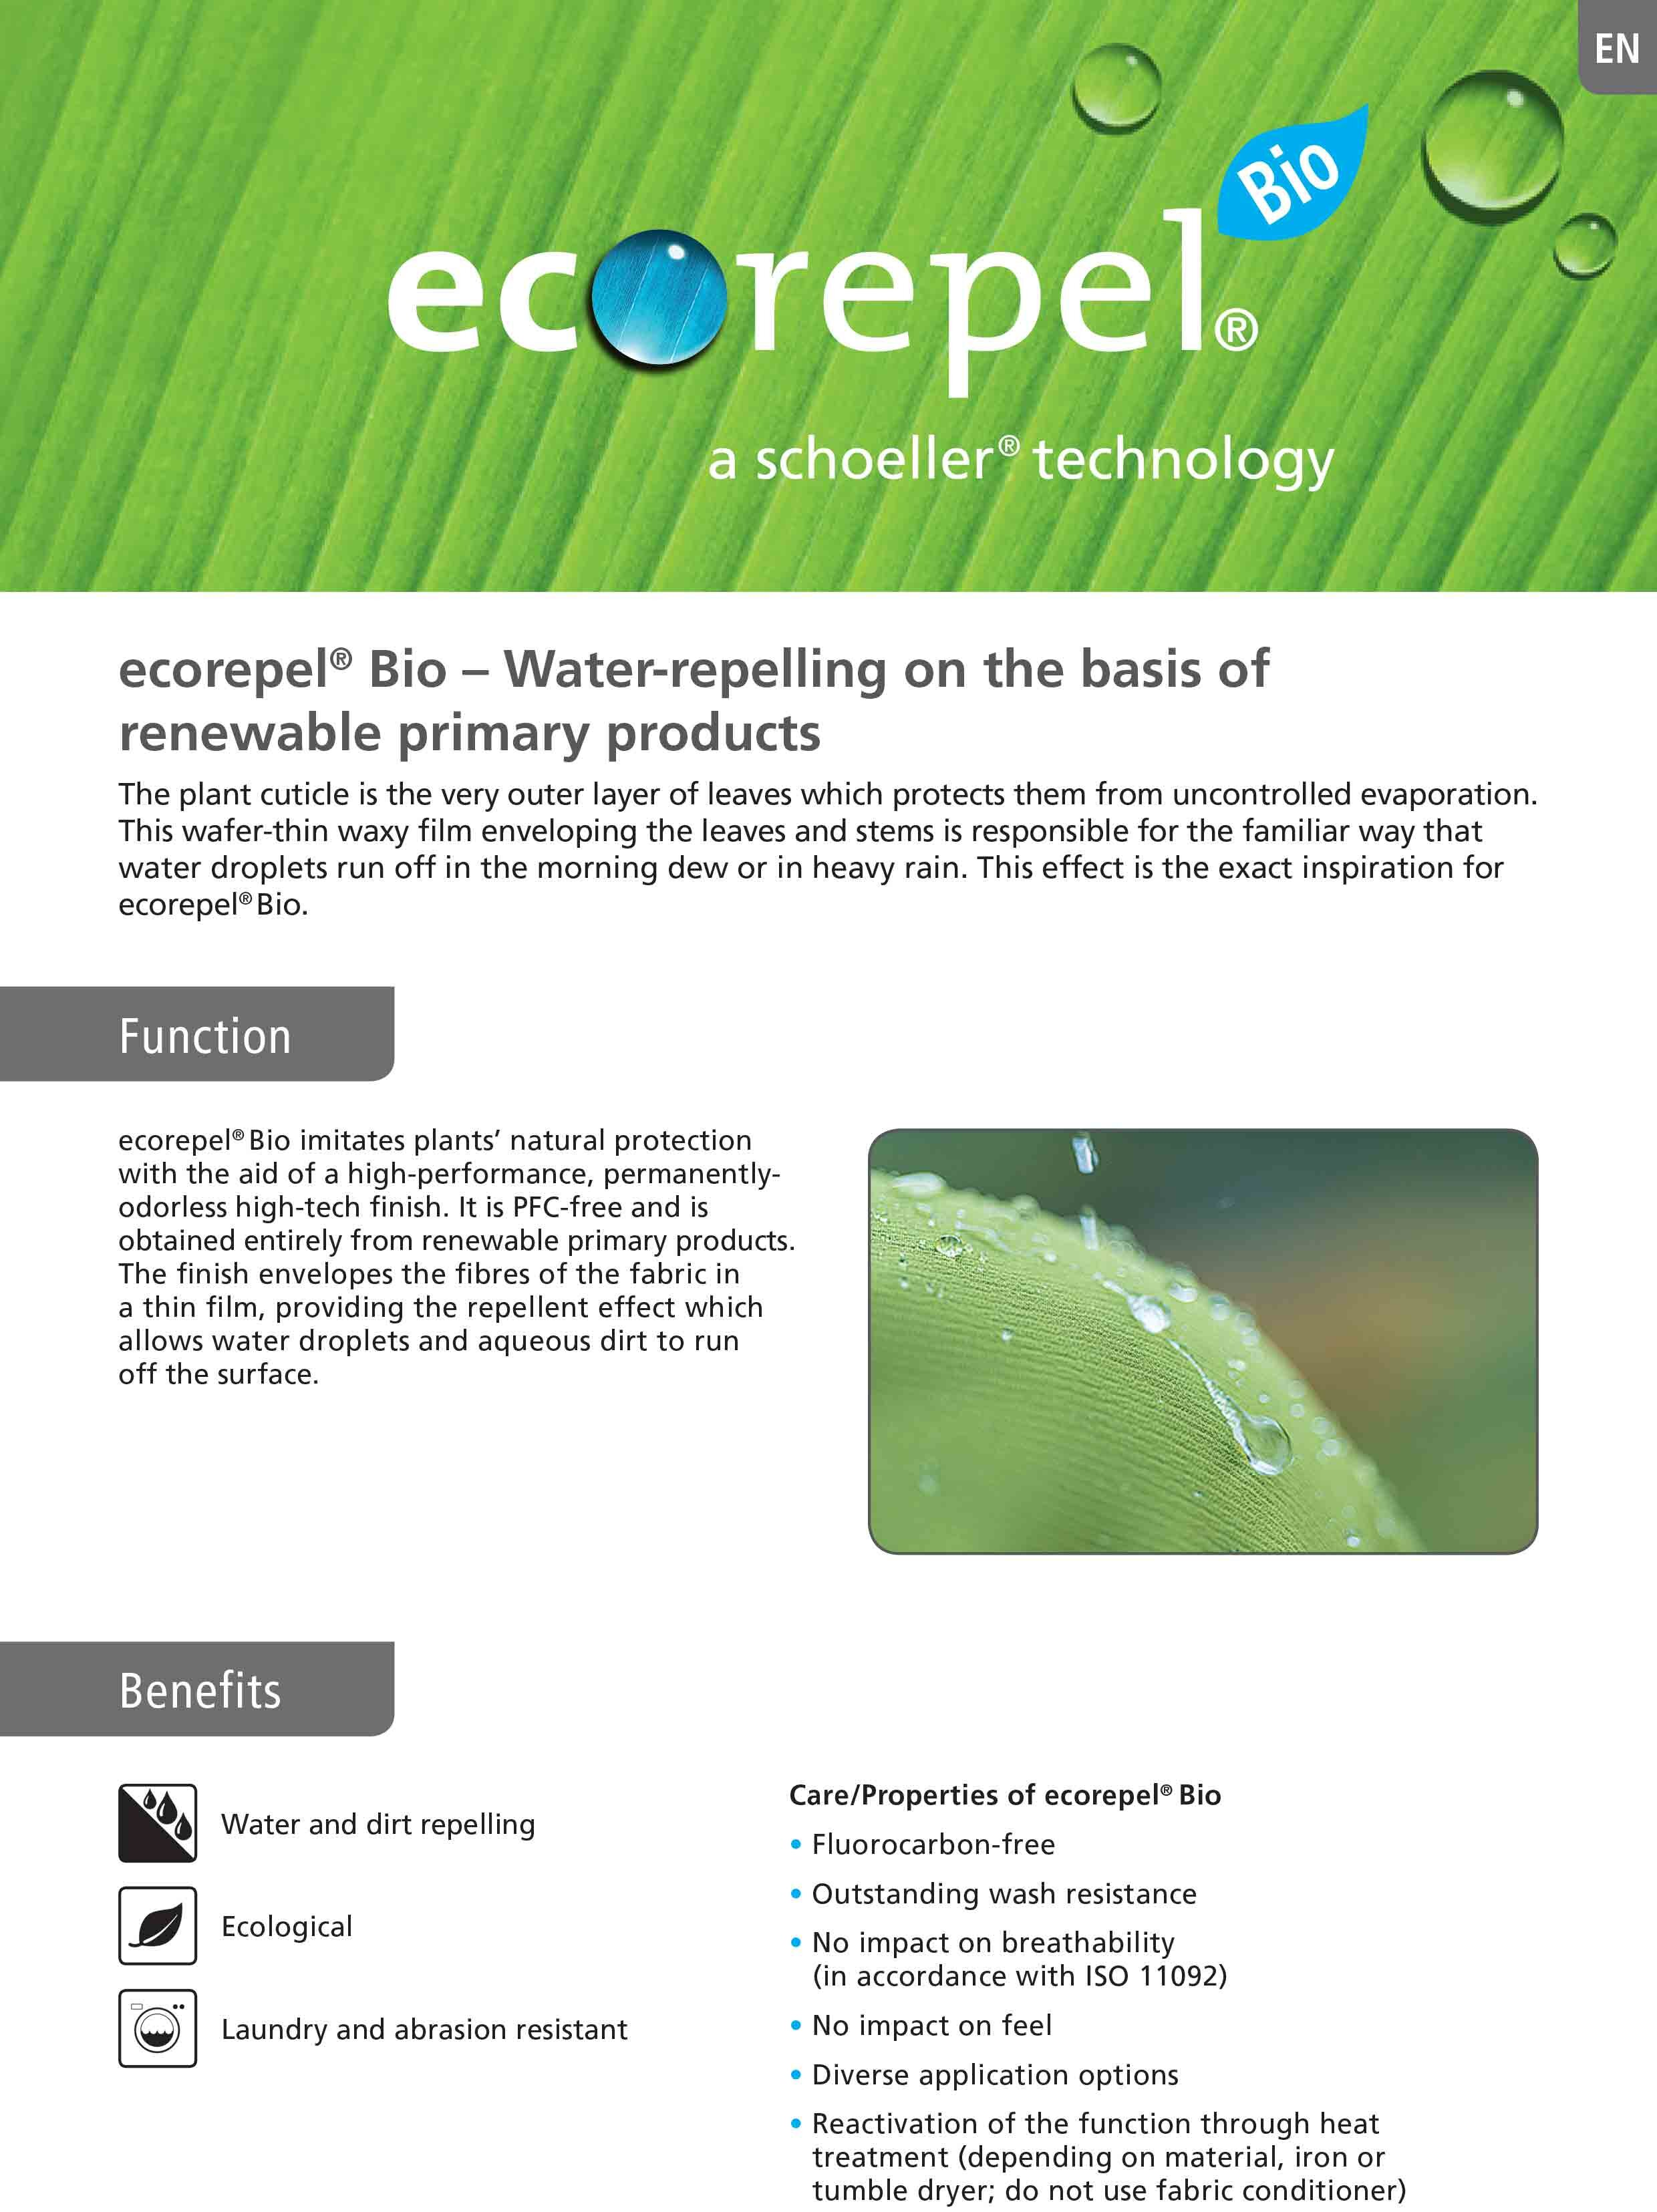 en_ecorepel-Bio-information-1.jpg